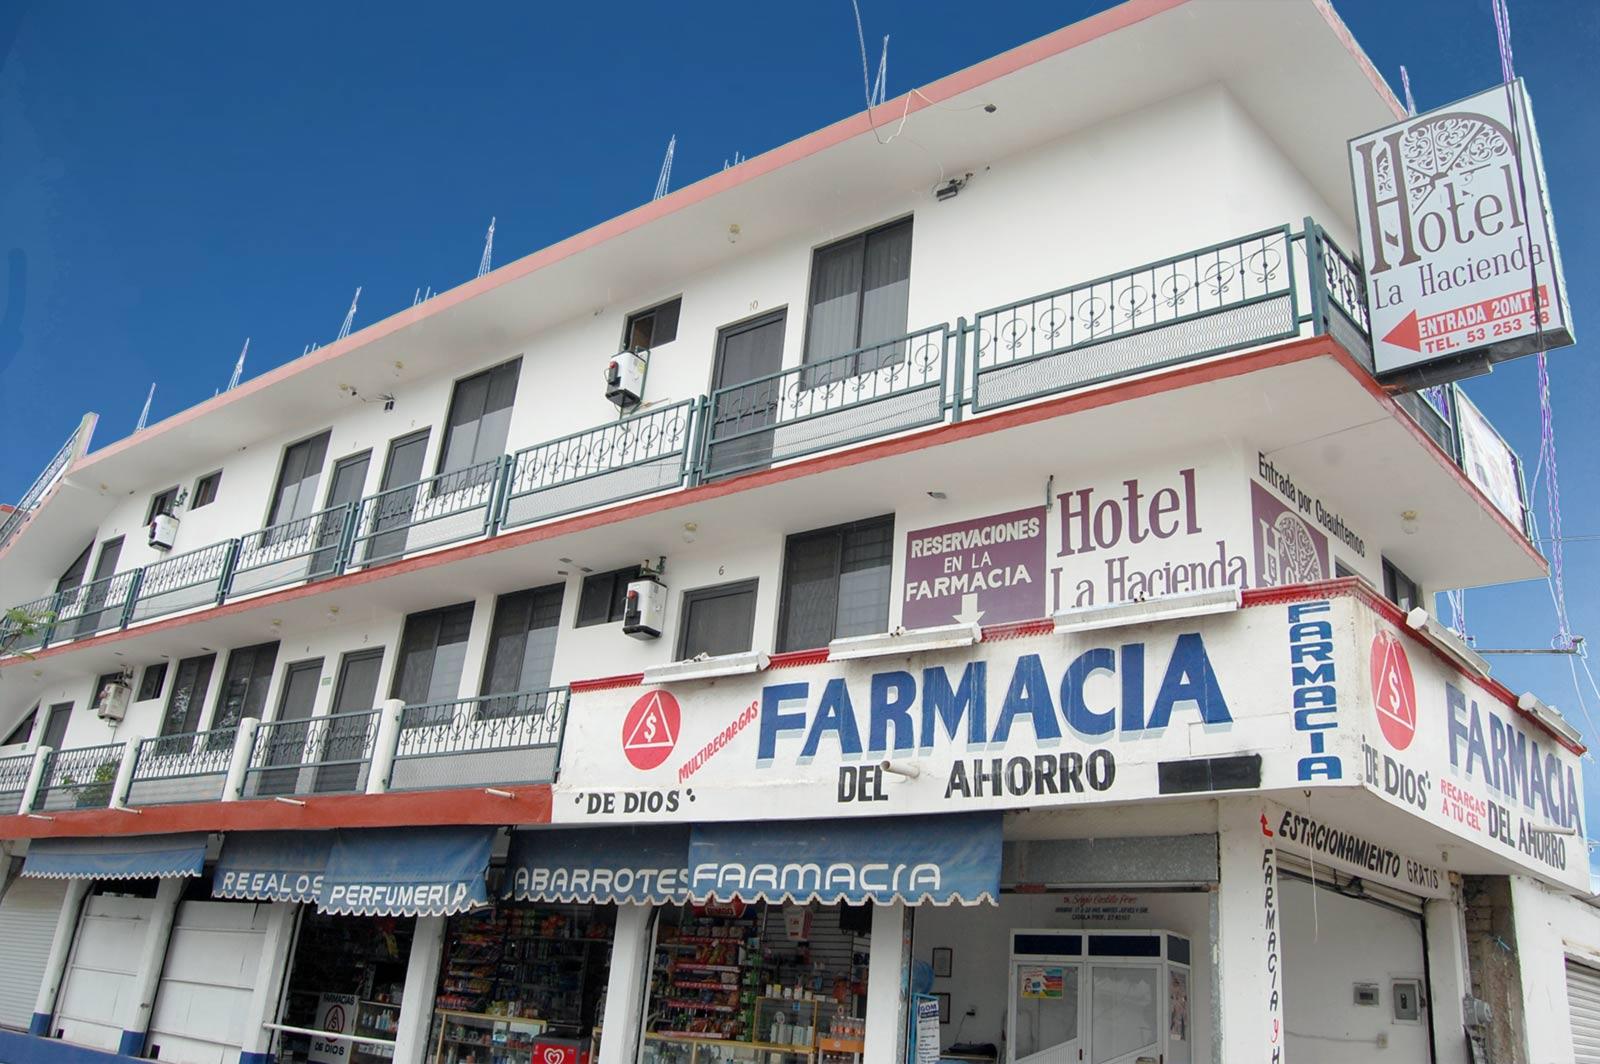 Hotel-La-Hacienda